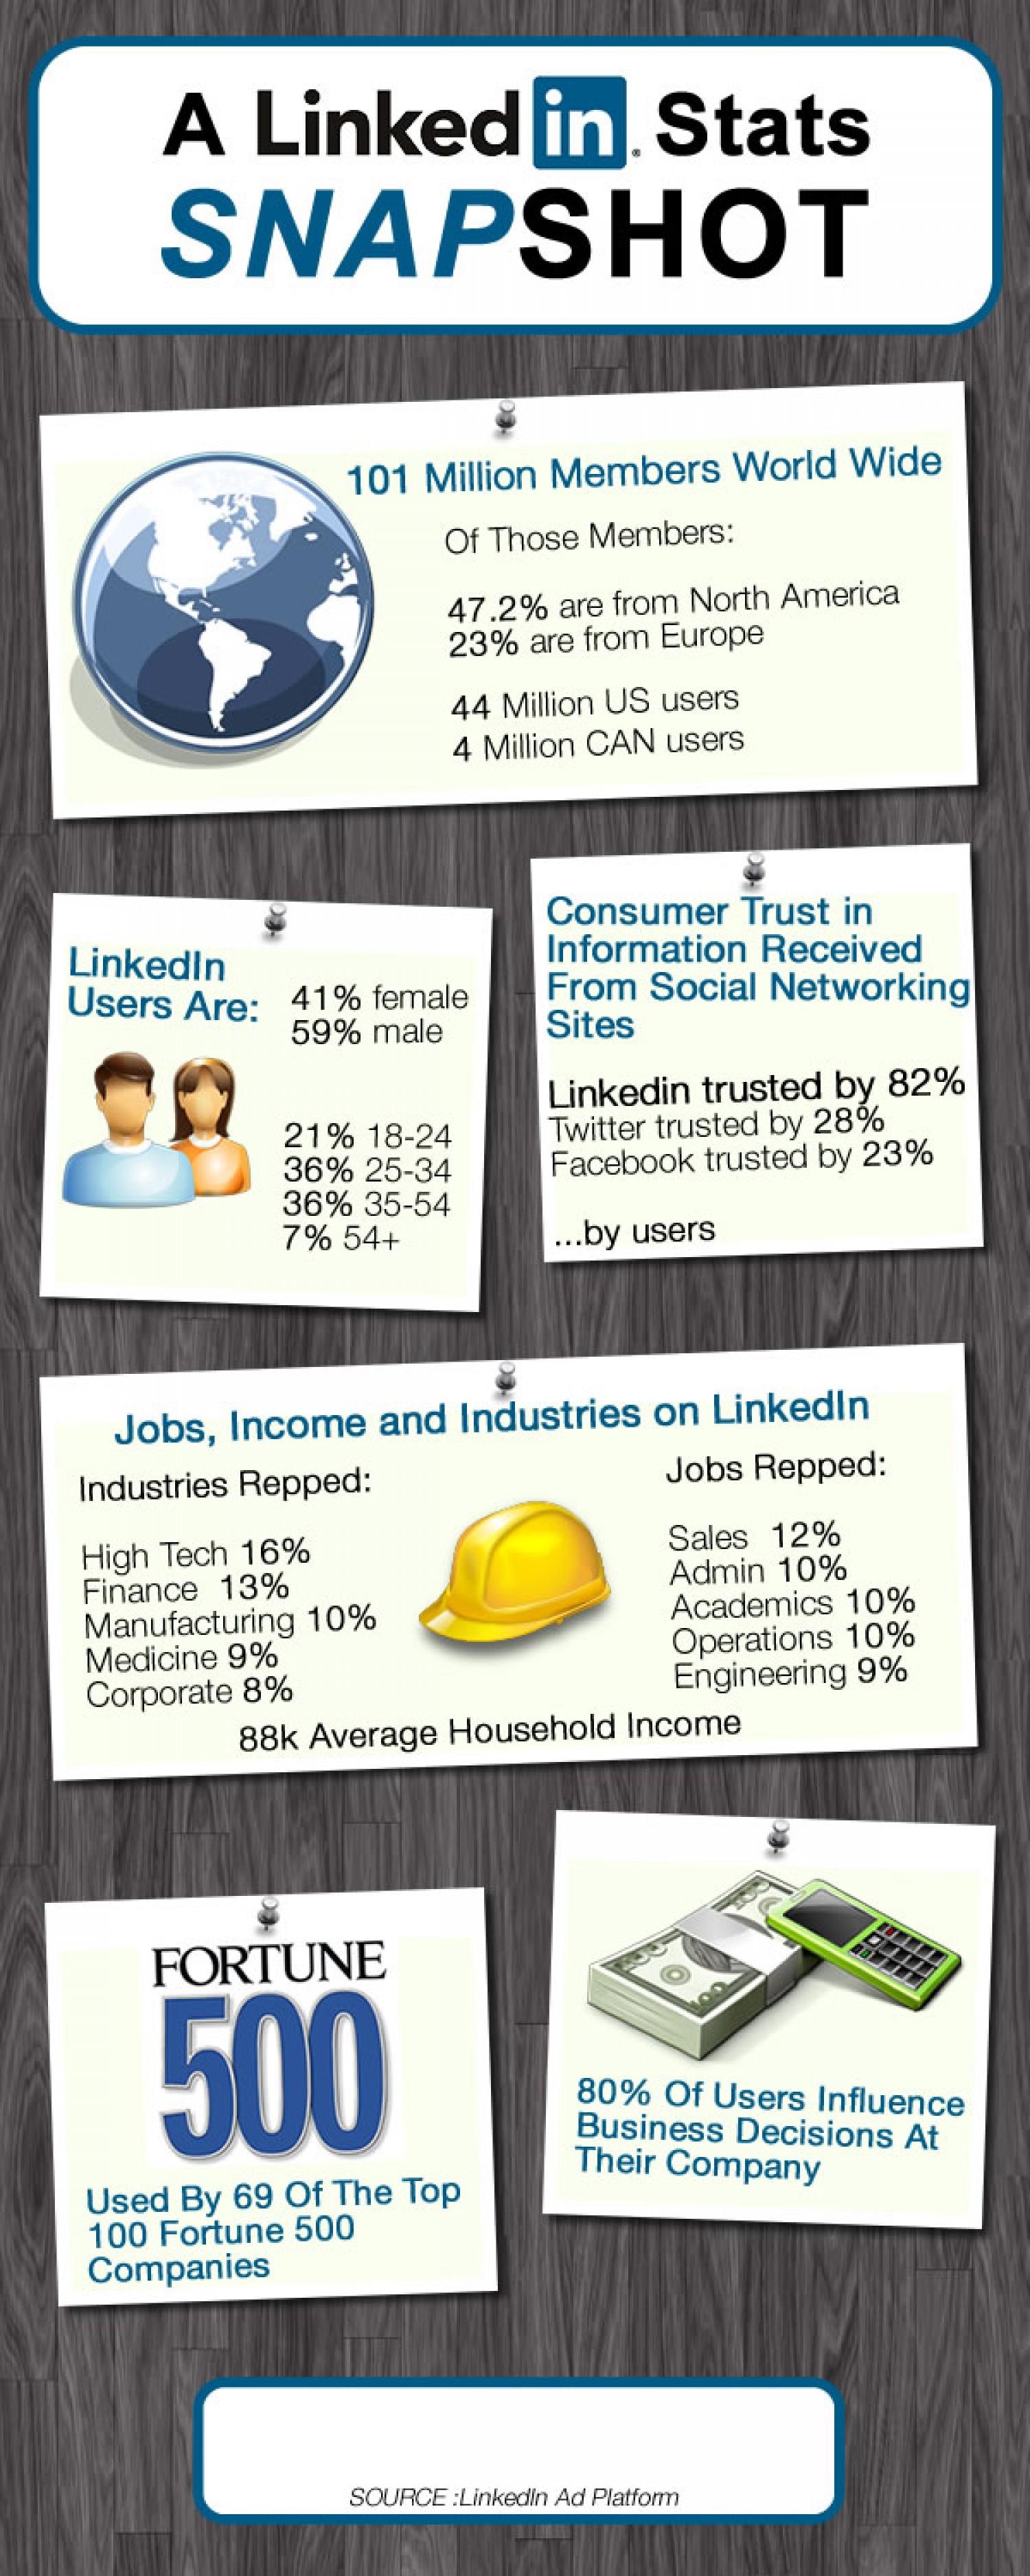 15. A LinkedIn Stats Snapshot